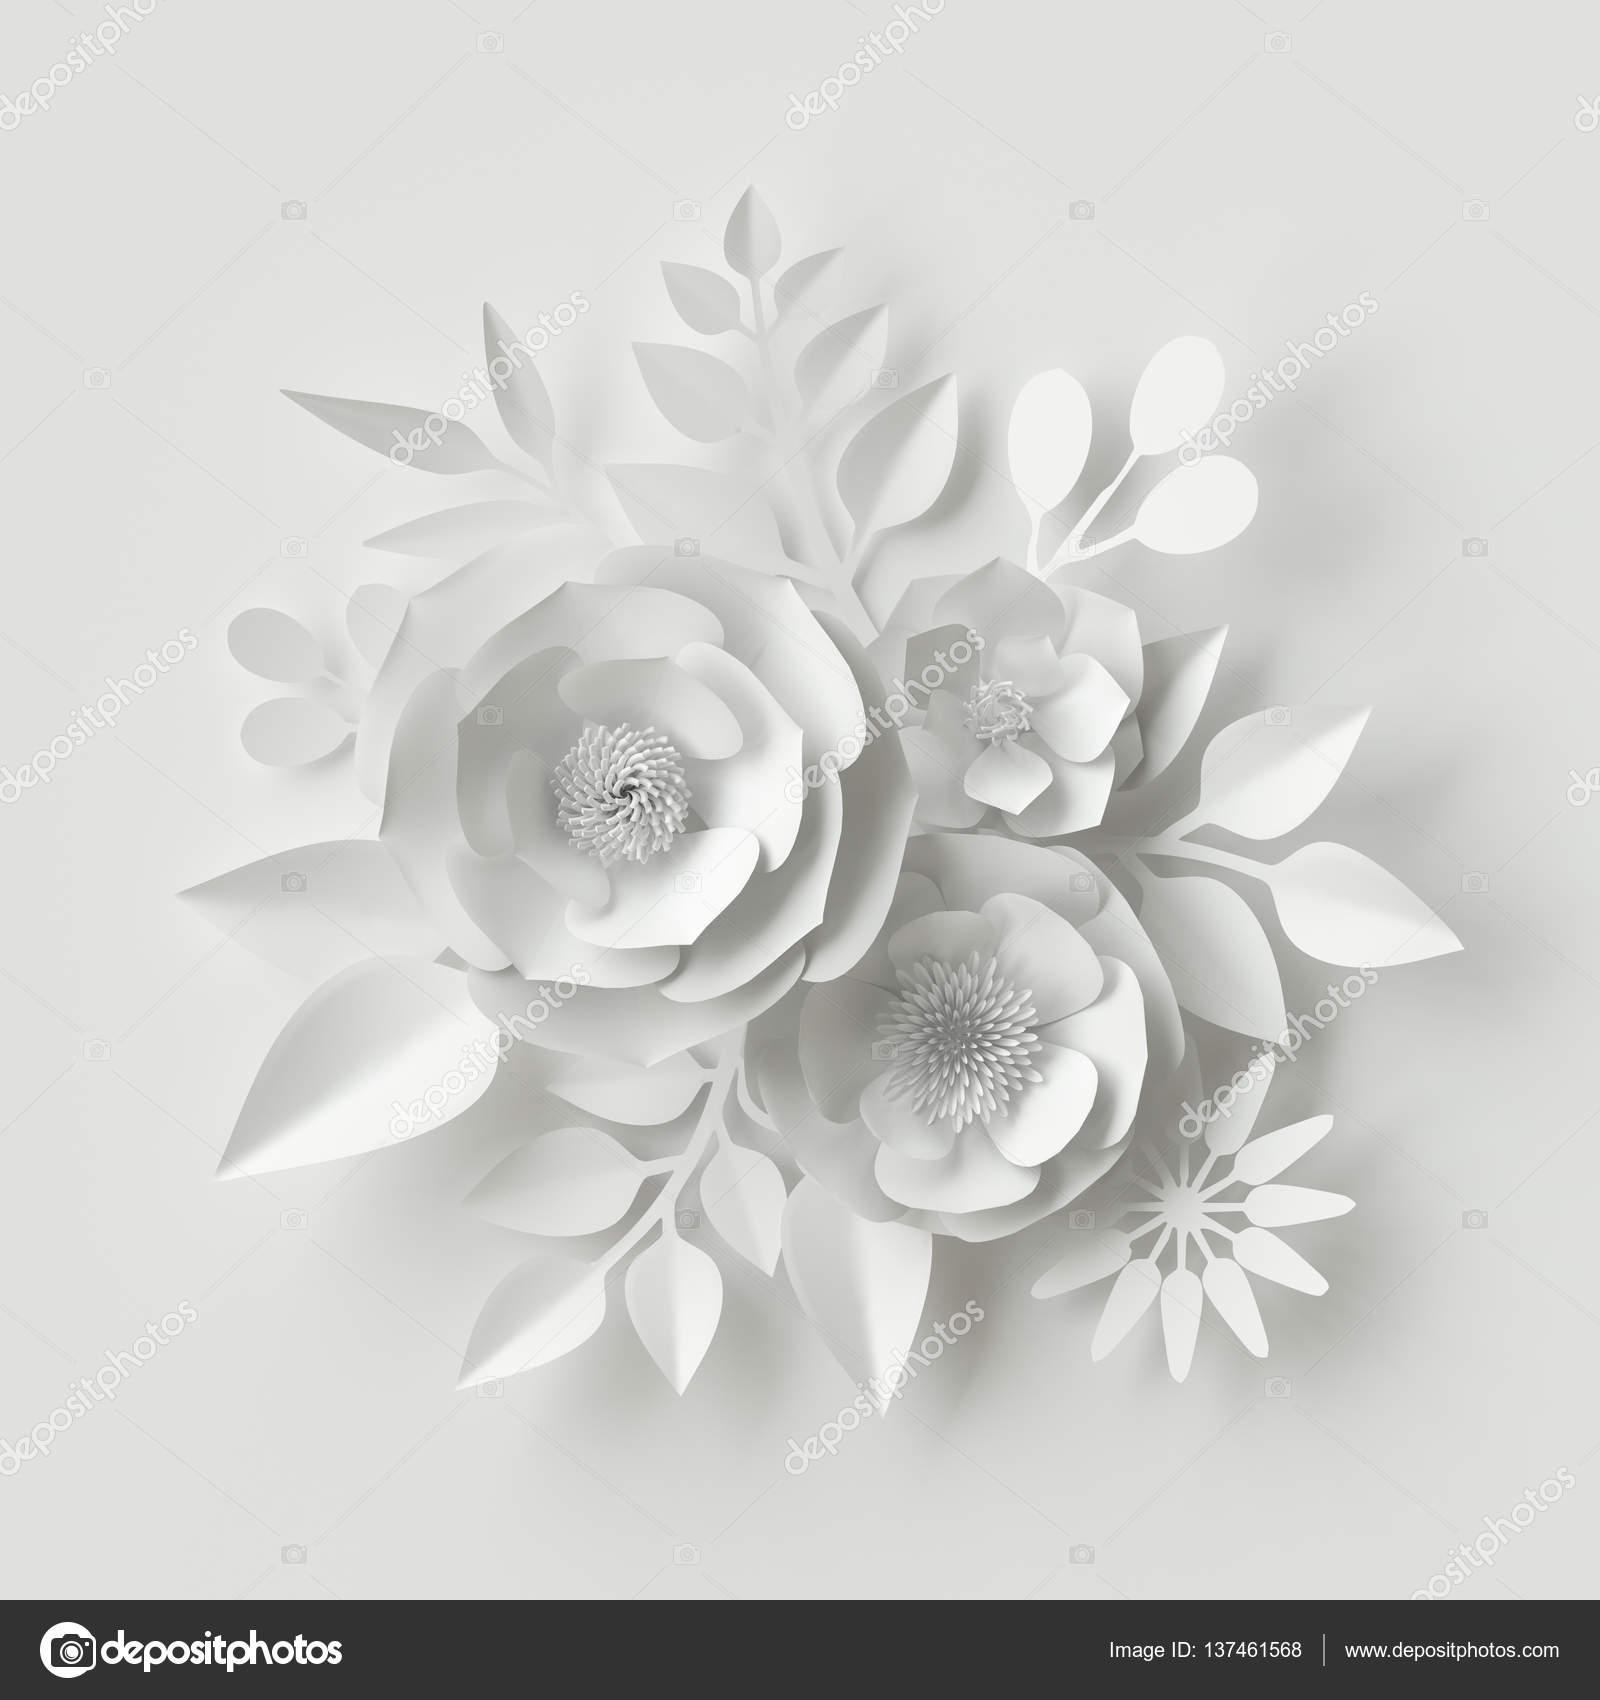 3d render digital illustration white paper flowers floral